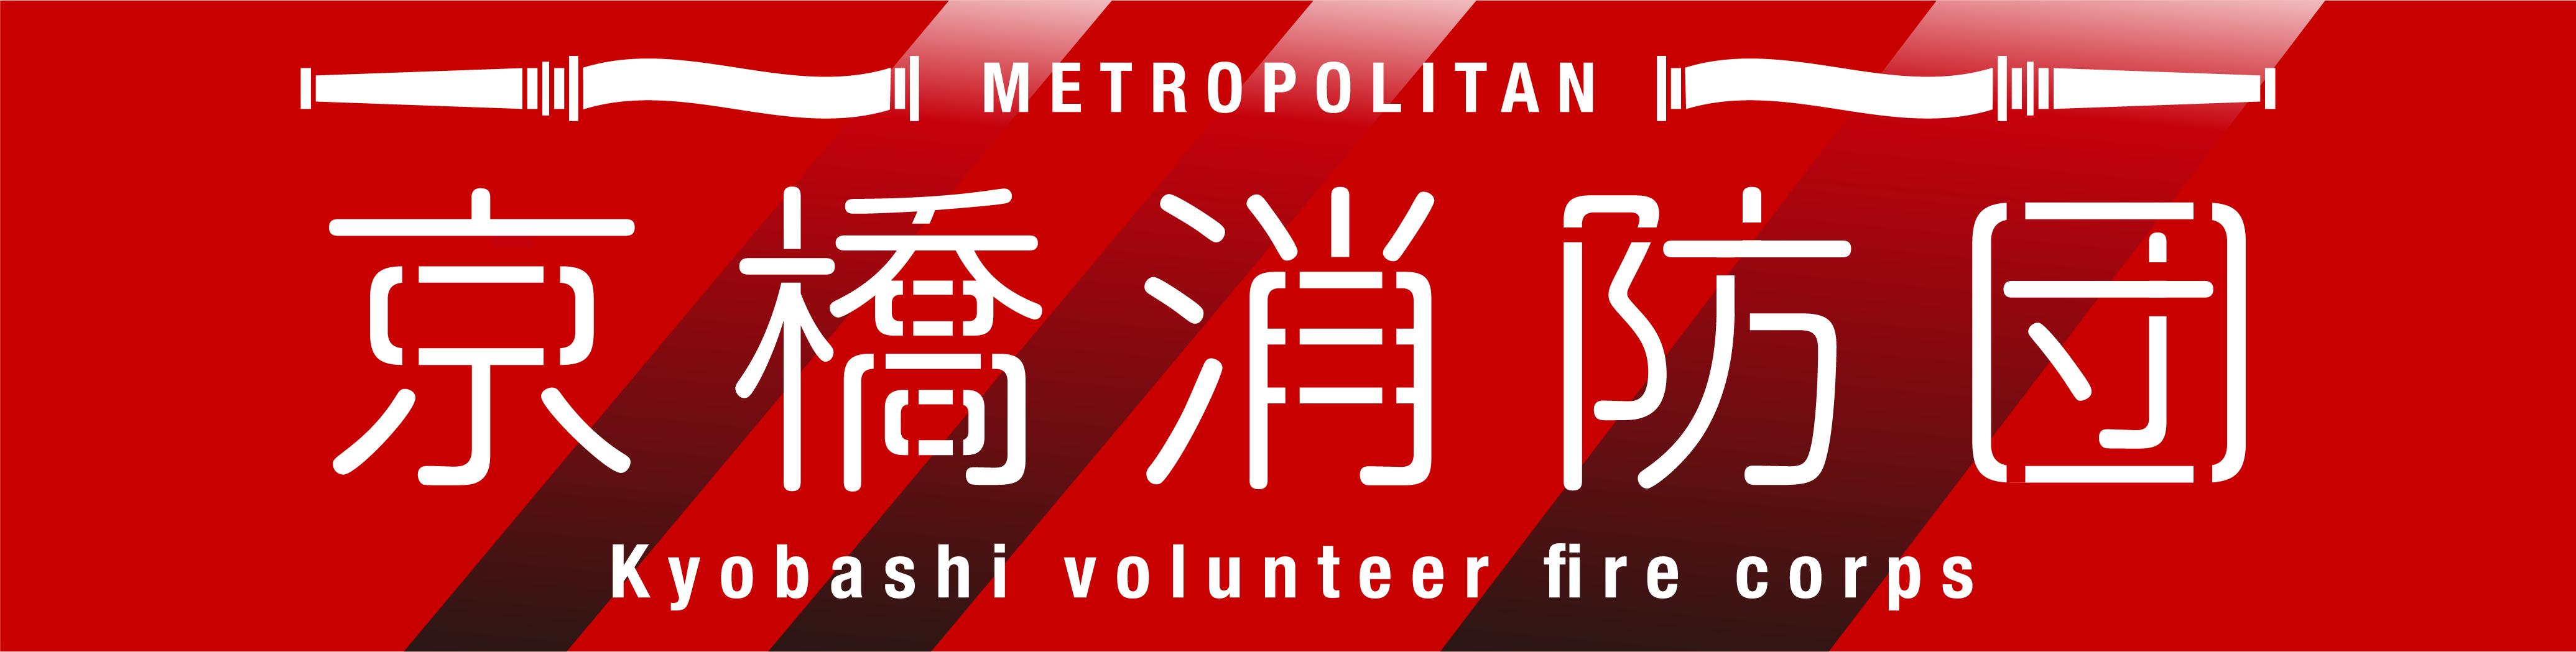 京橋消防団